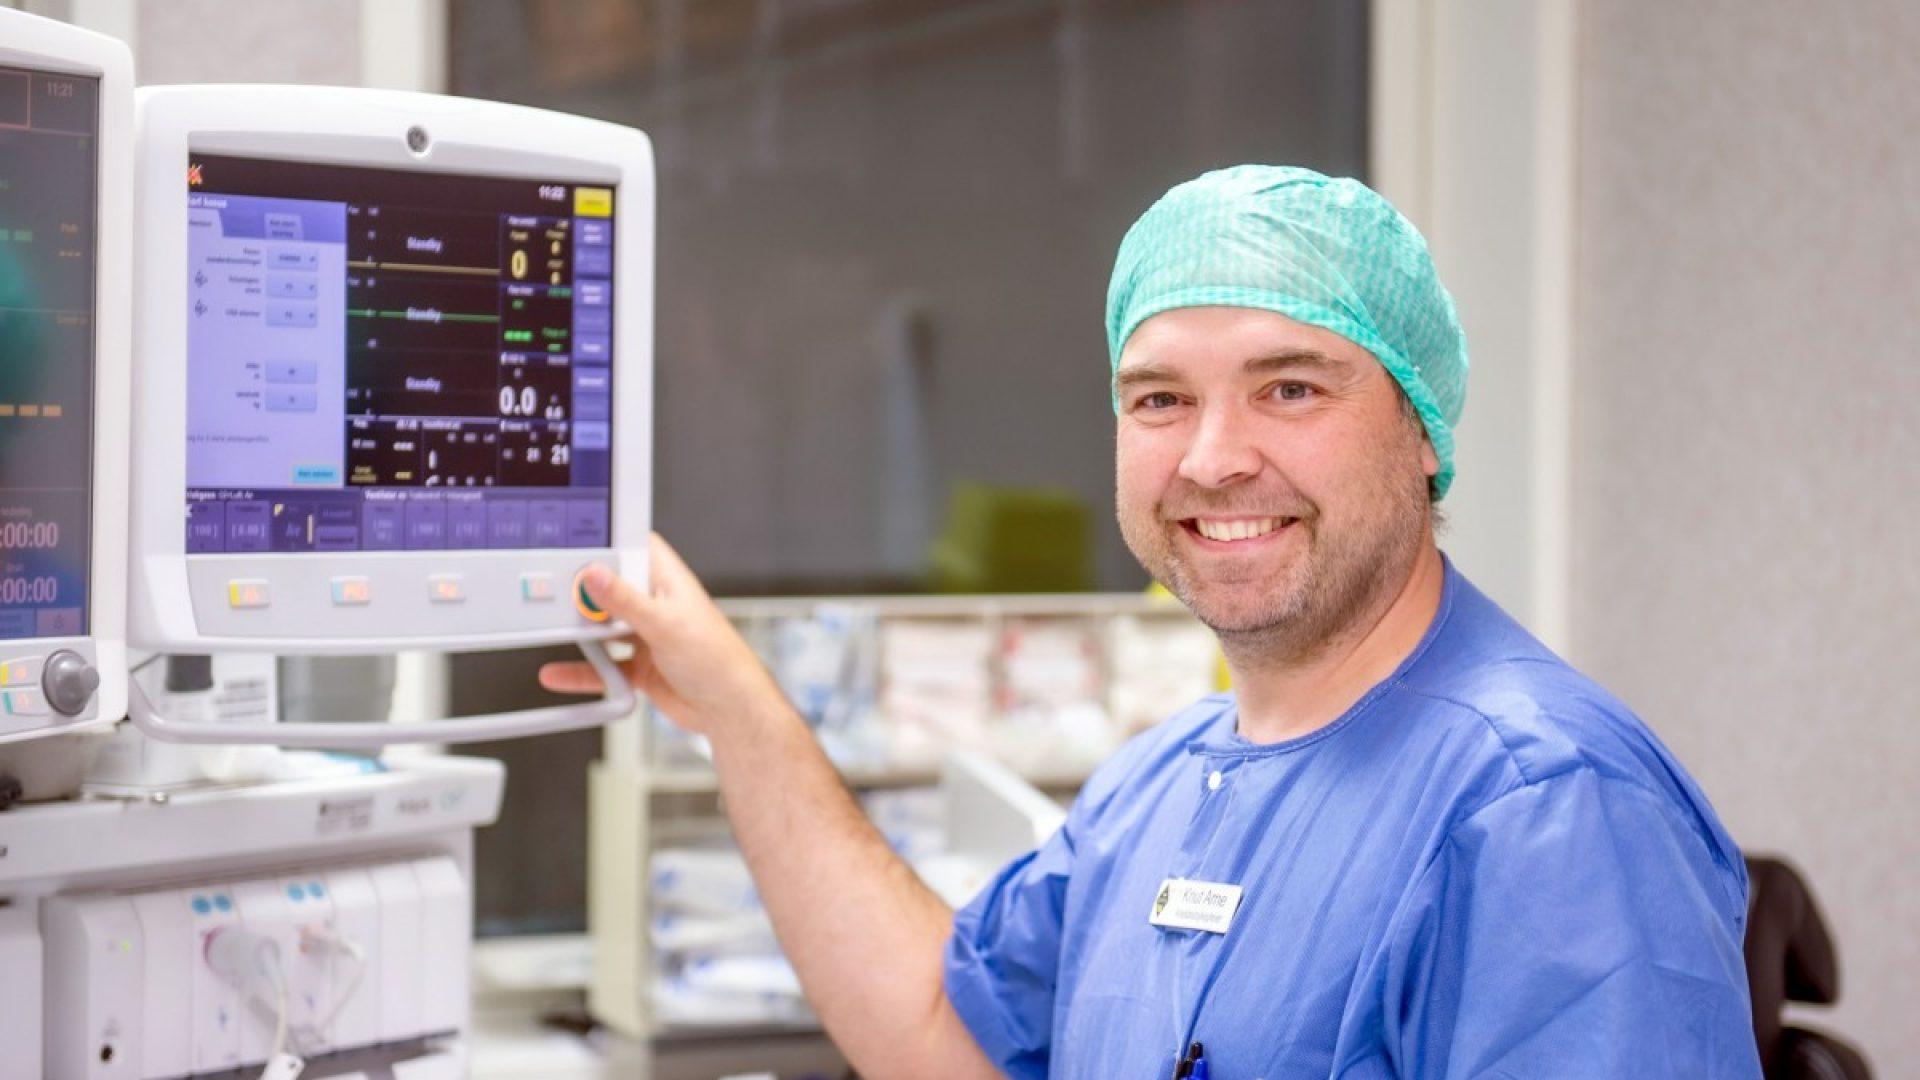 Medisinsk personell med blå klær på. Bredt smil.